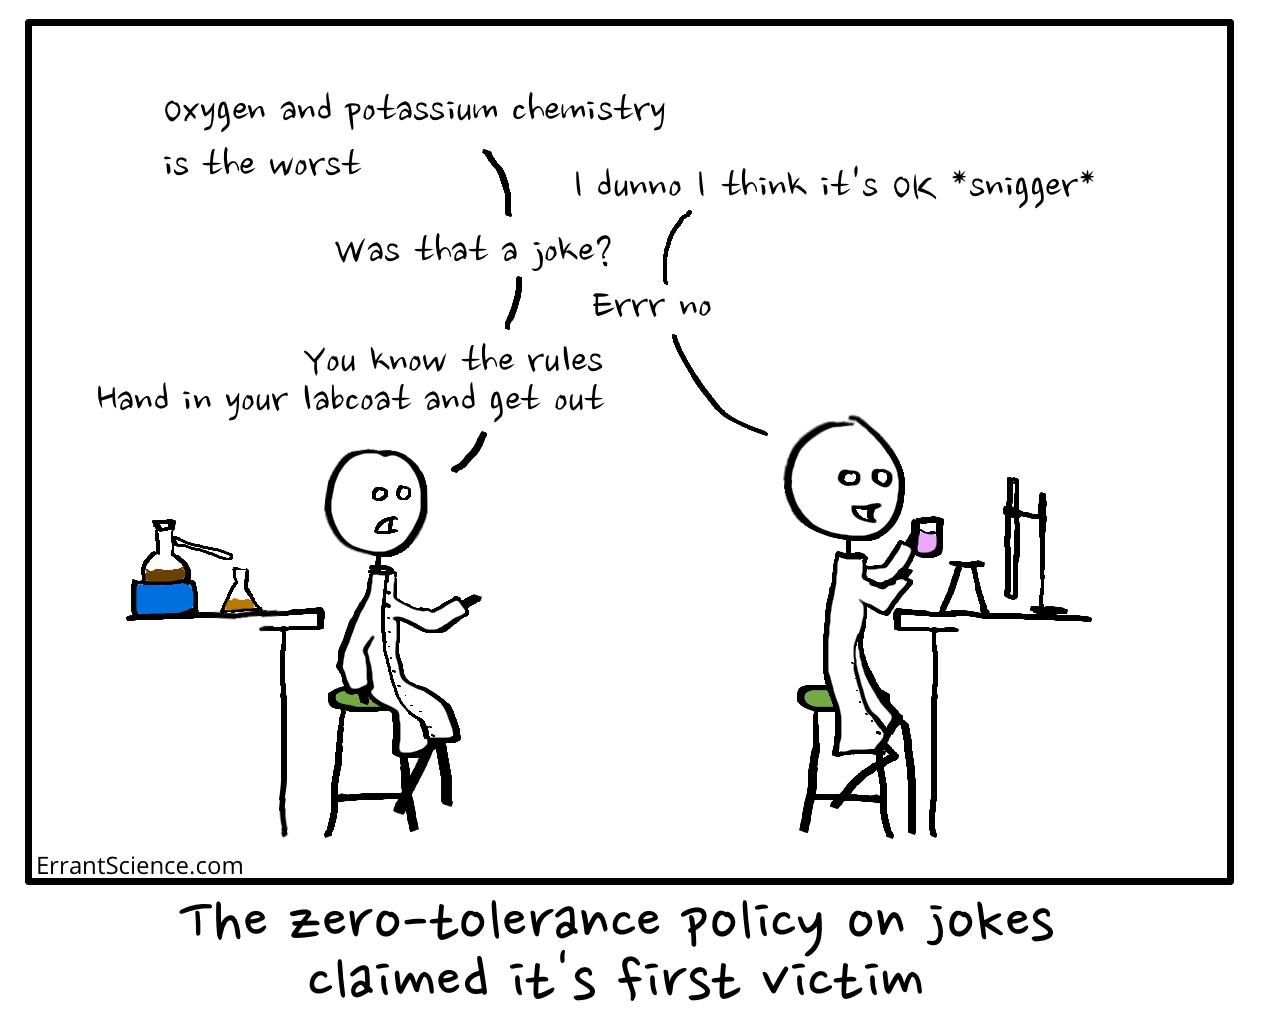 funny science jokes should let always humor things way enjoy something fair errantscience fun communicate